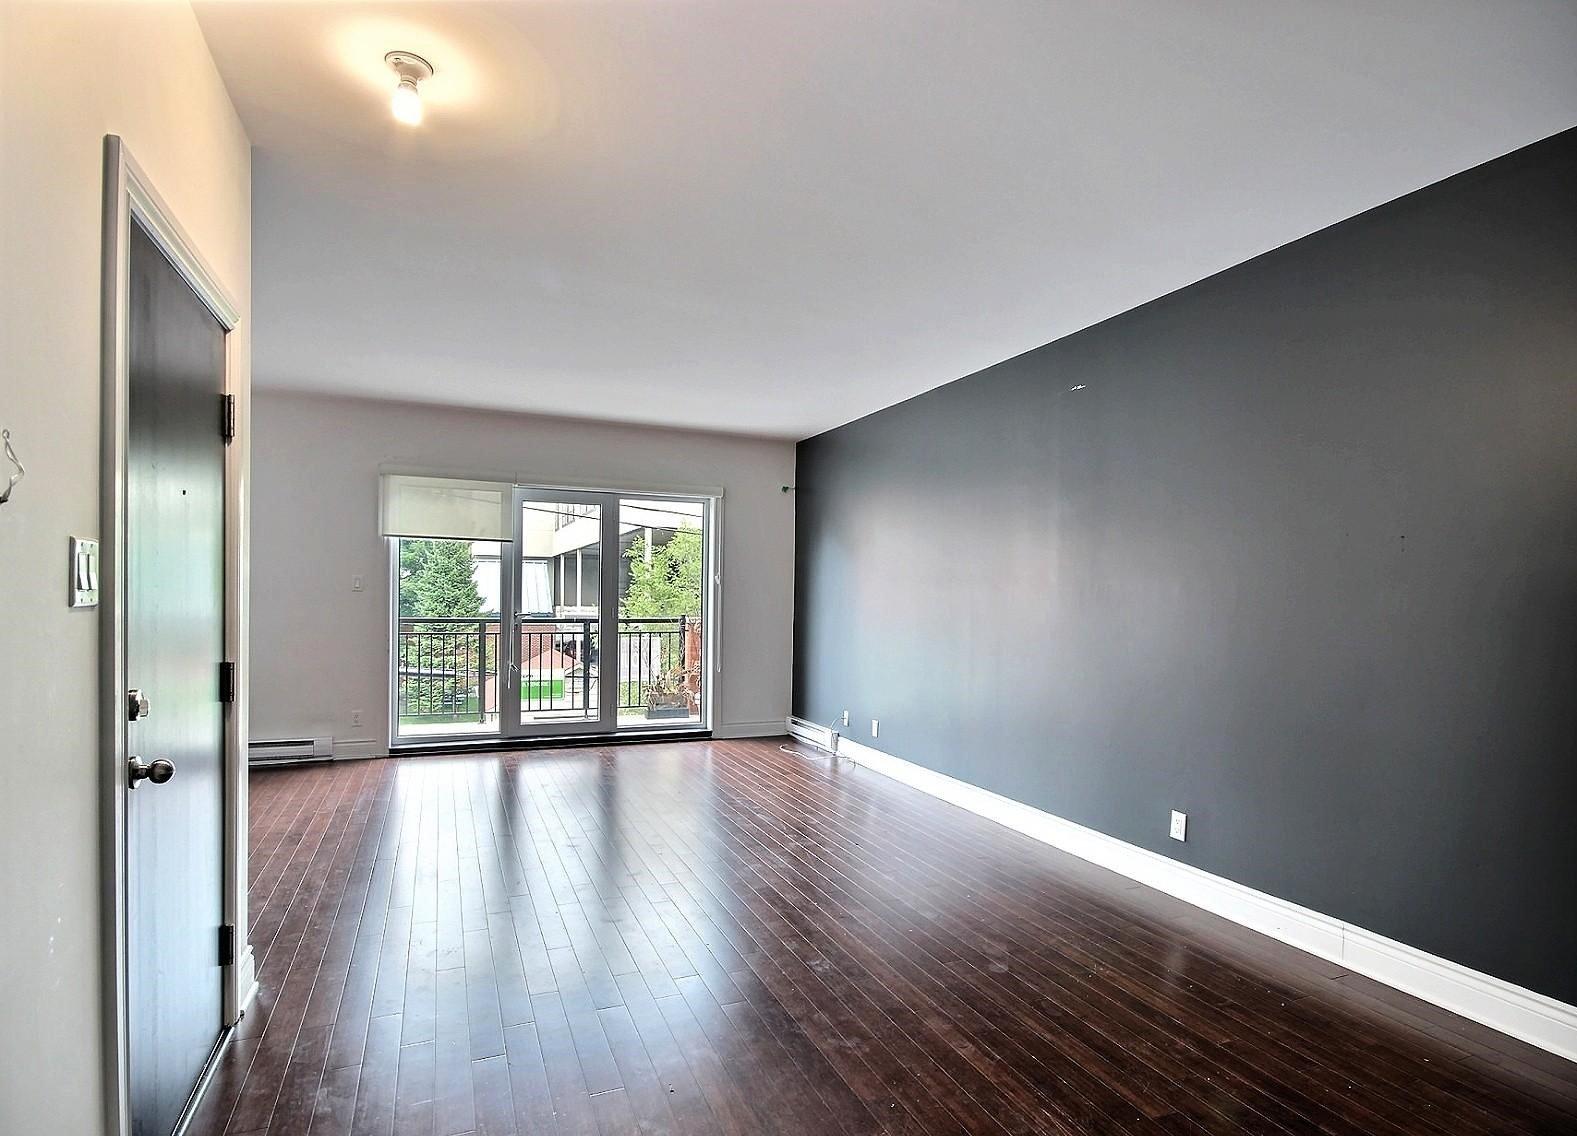 2 11e avenue apt 302 lachine ekatarina erchova courtier immobilier montr al qu bec. Black Bedroom Furniture Sets. Home Design Ideas